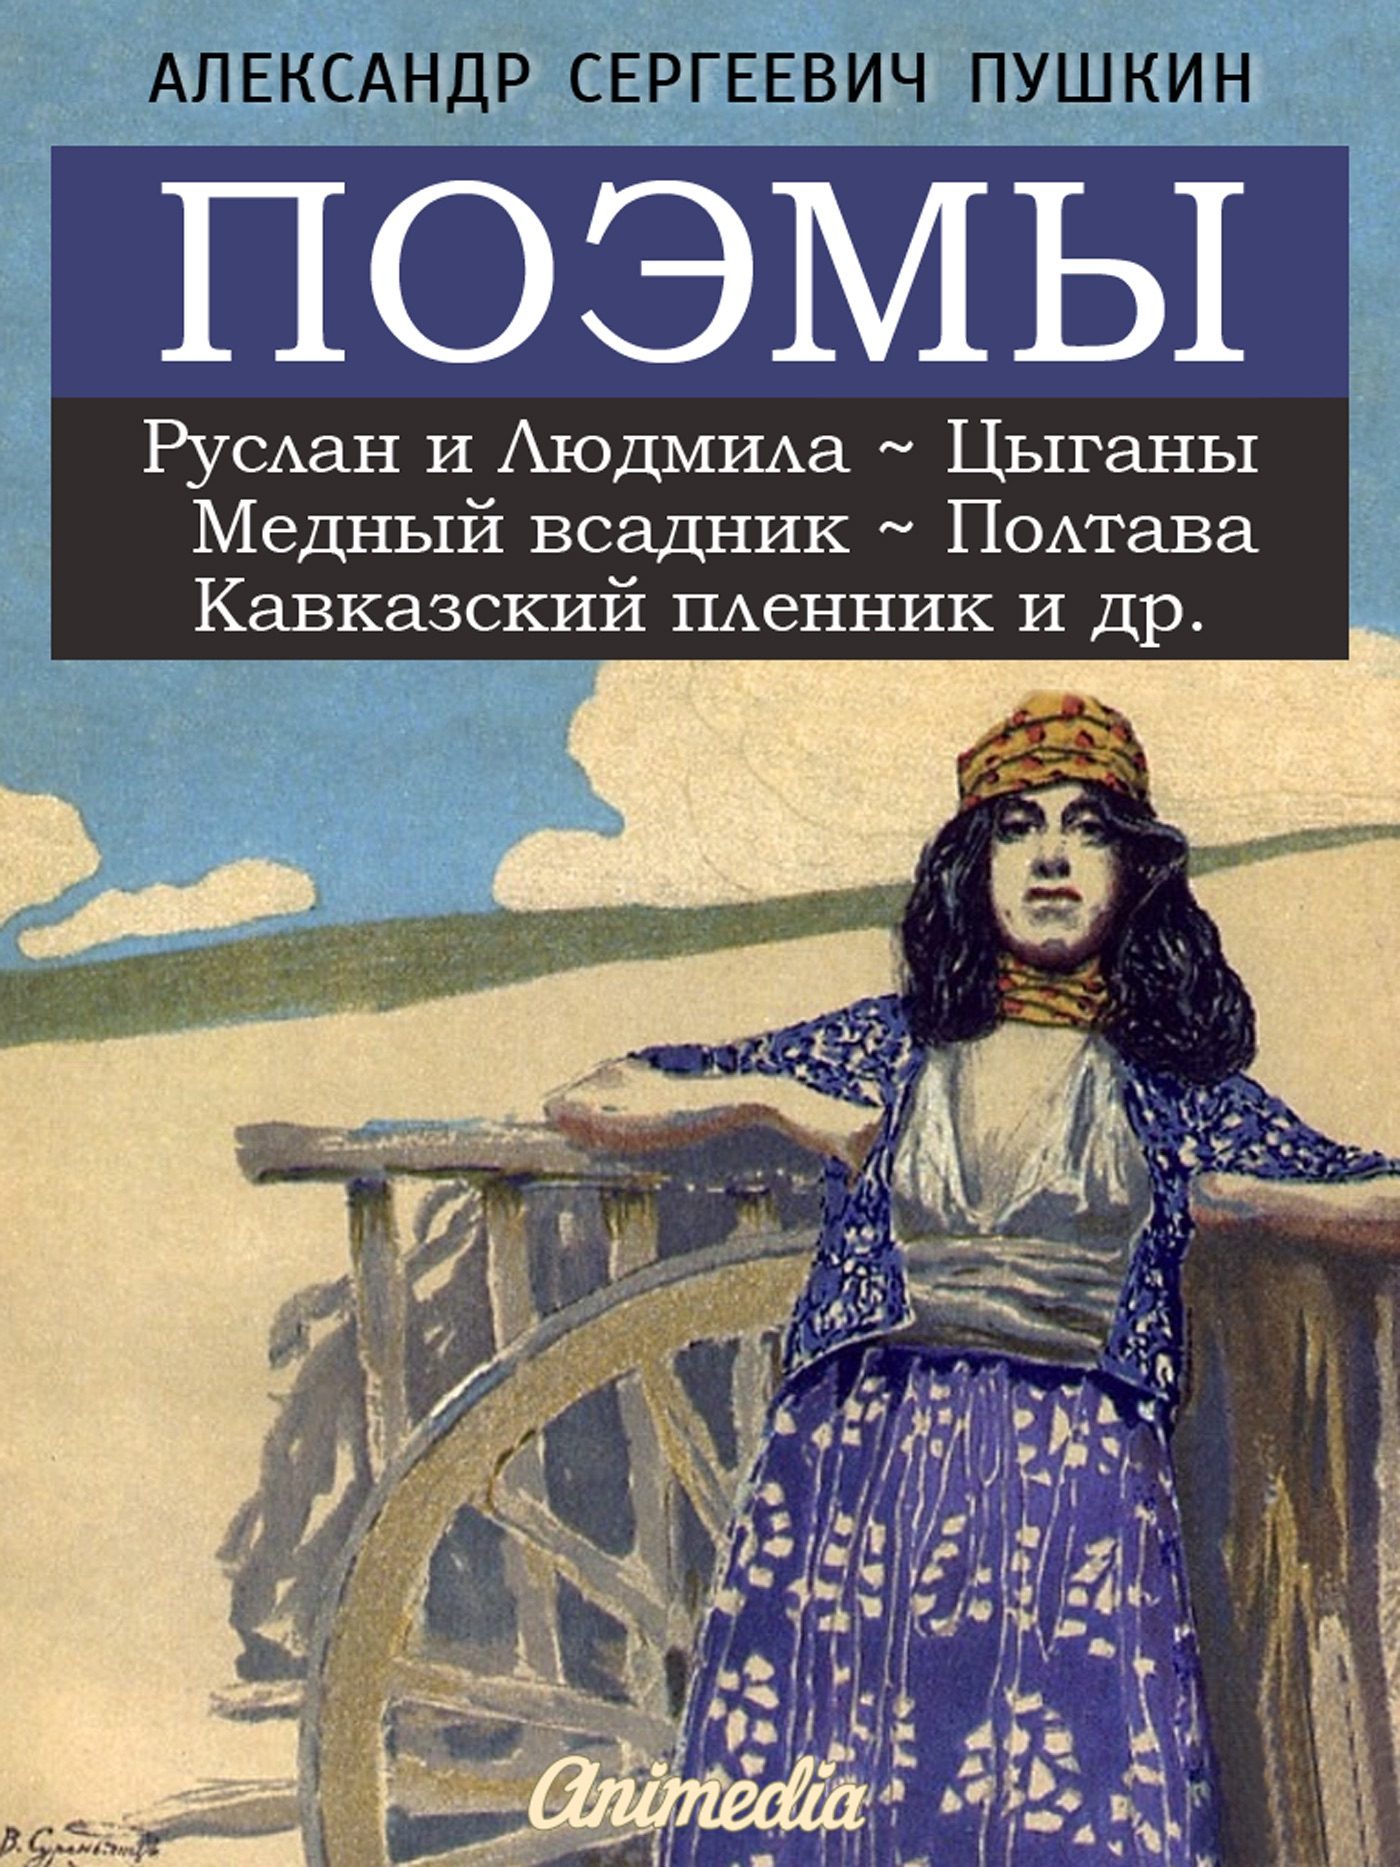 Секс рассказы пушкина 1 фотография